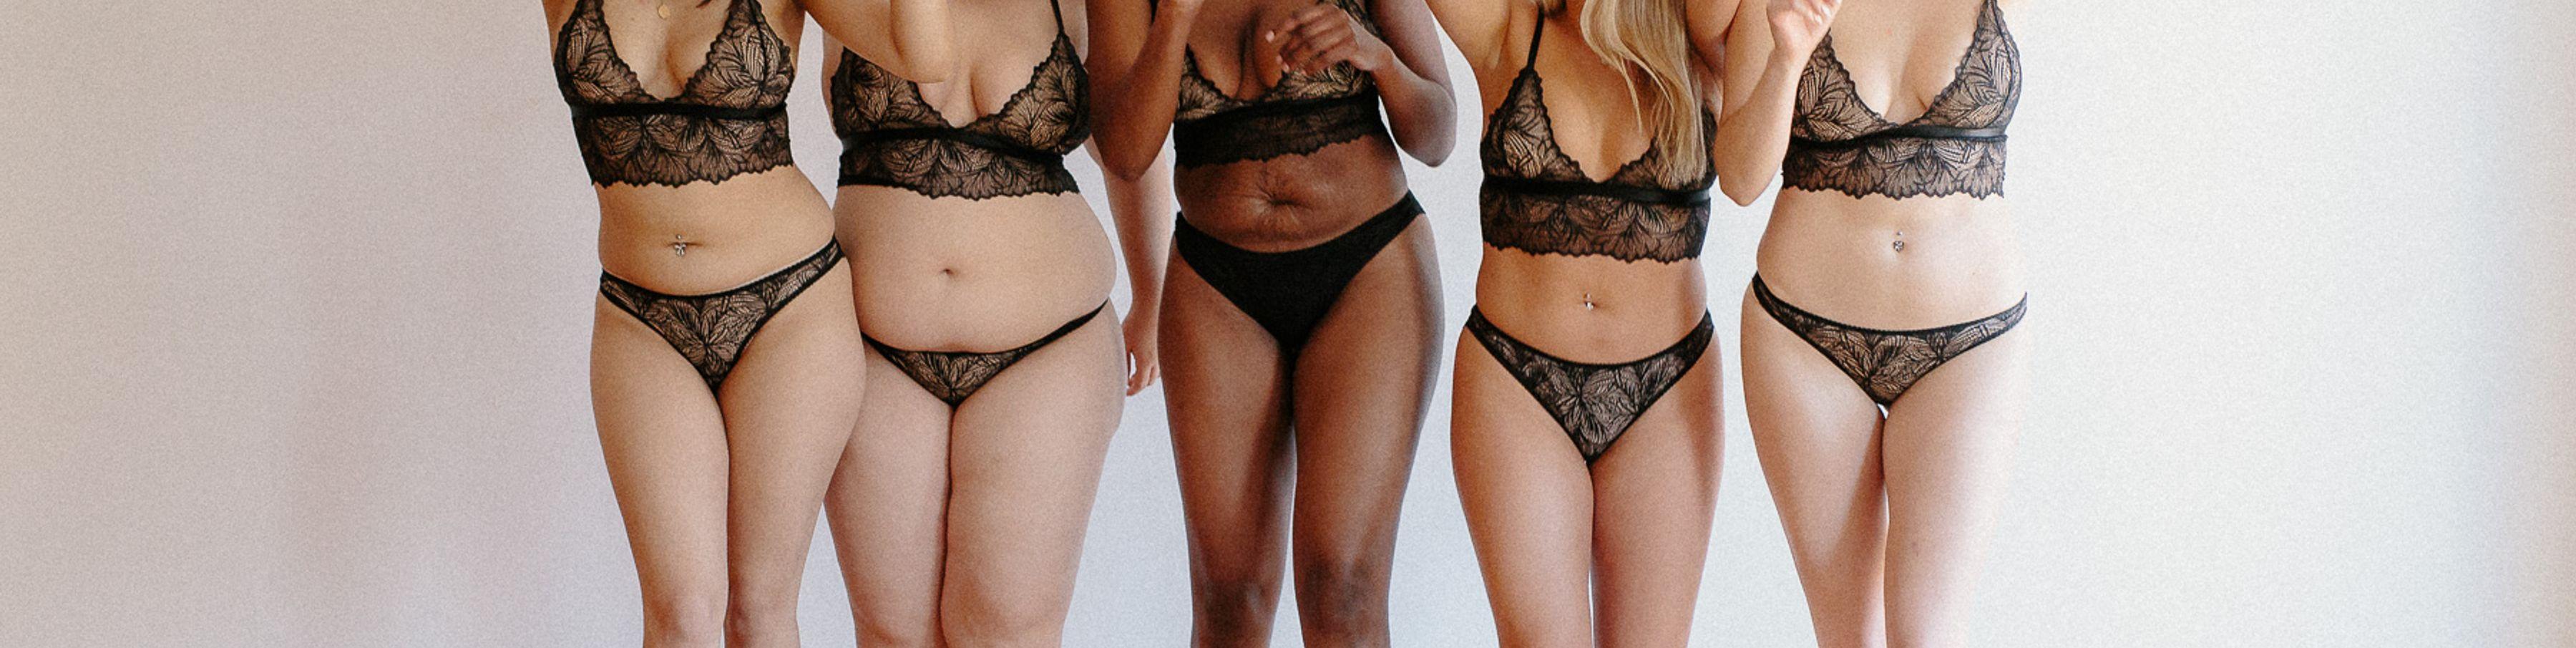 Azura Bay Ethical Bras and Underwear